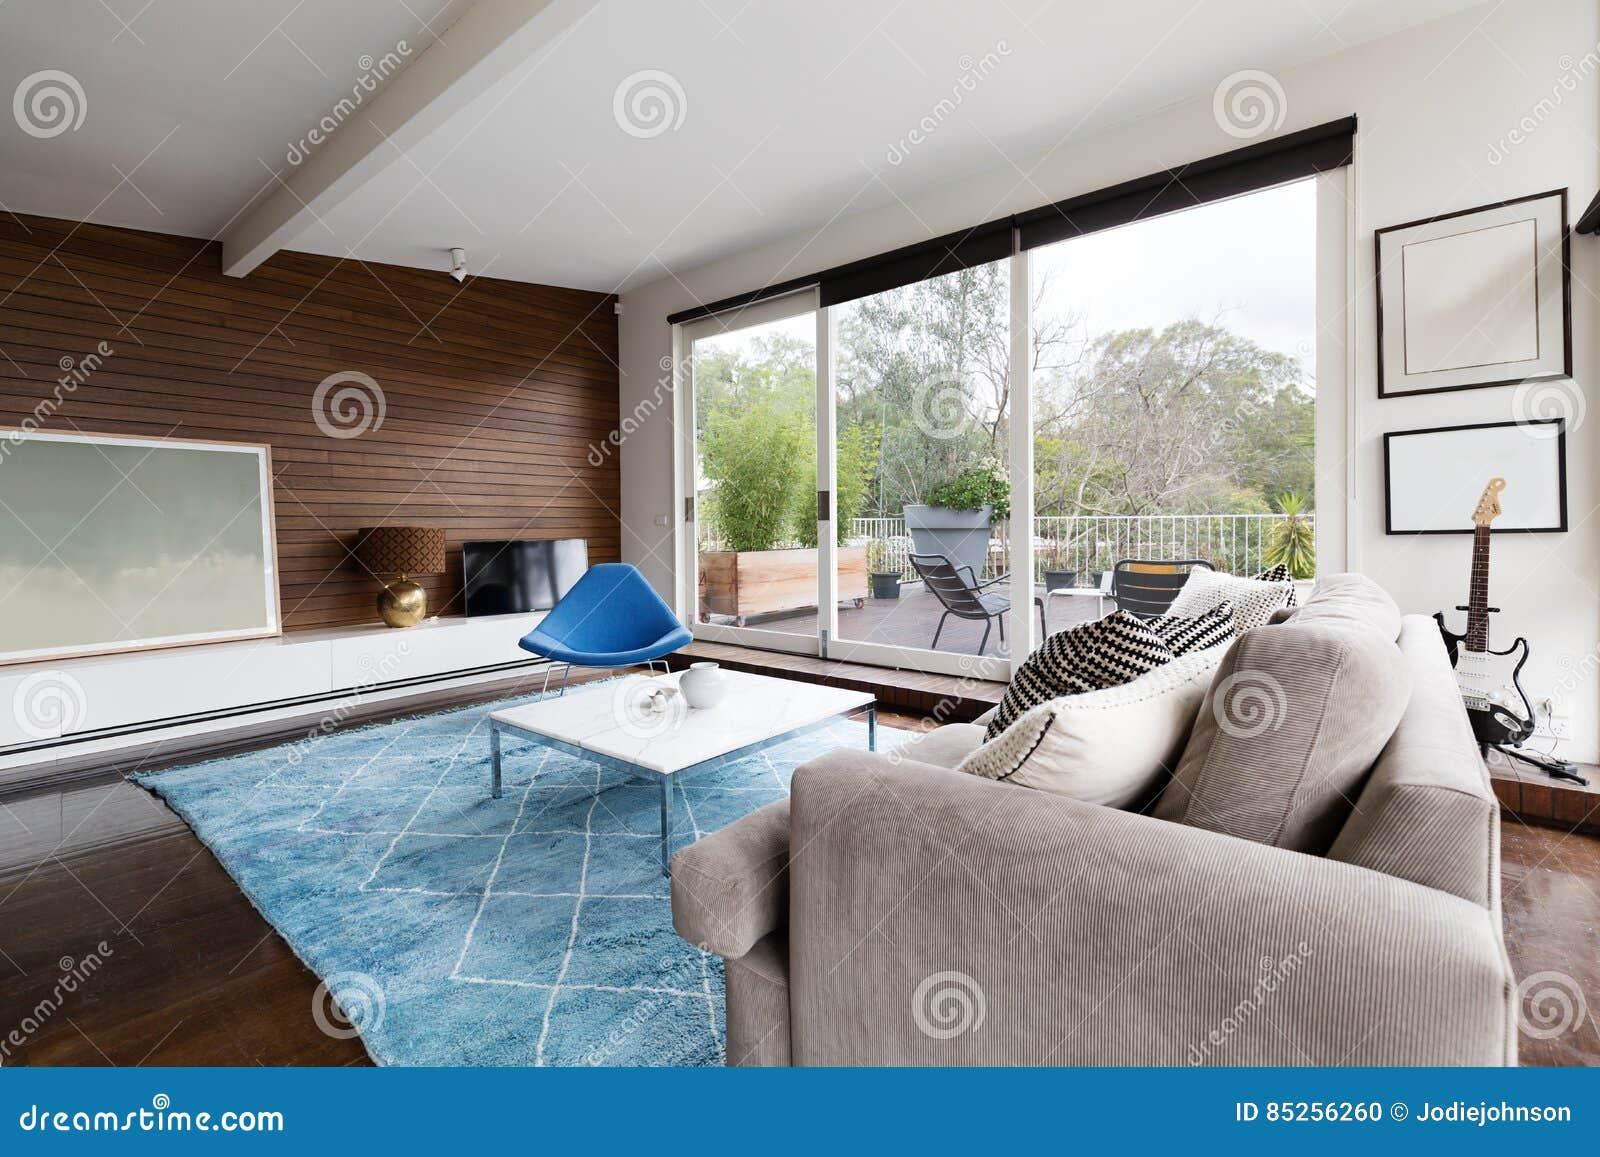 Moderner Aufenthaltsraum der kühlen Mitte des Jahrhunderts mit Aussicht zur Terrasse